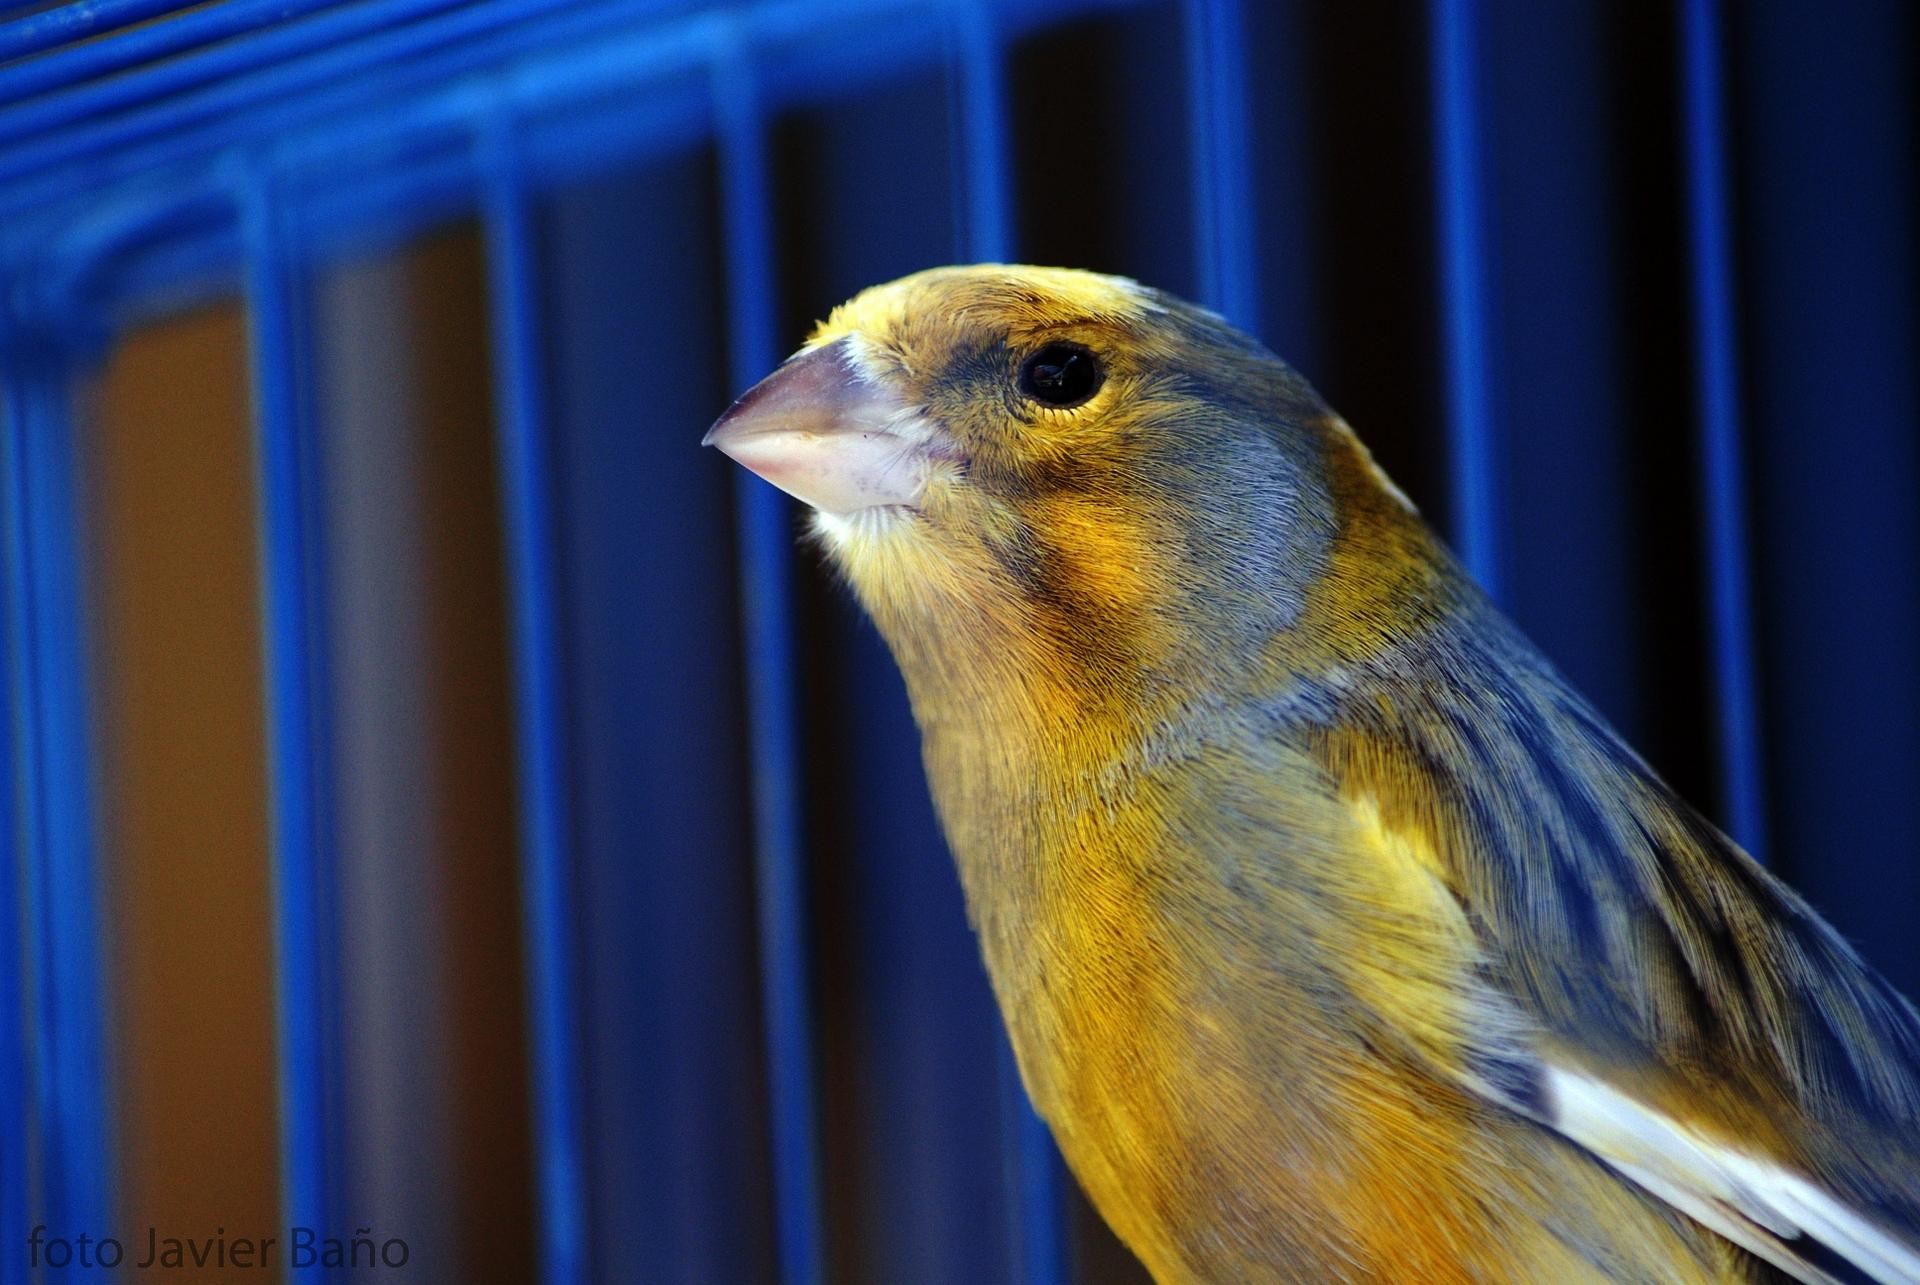 canary-20522_1920.jpg